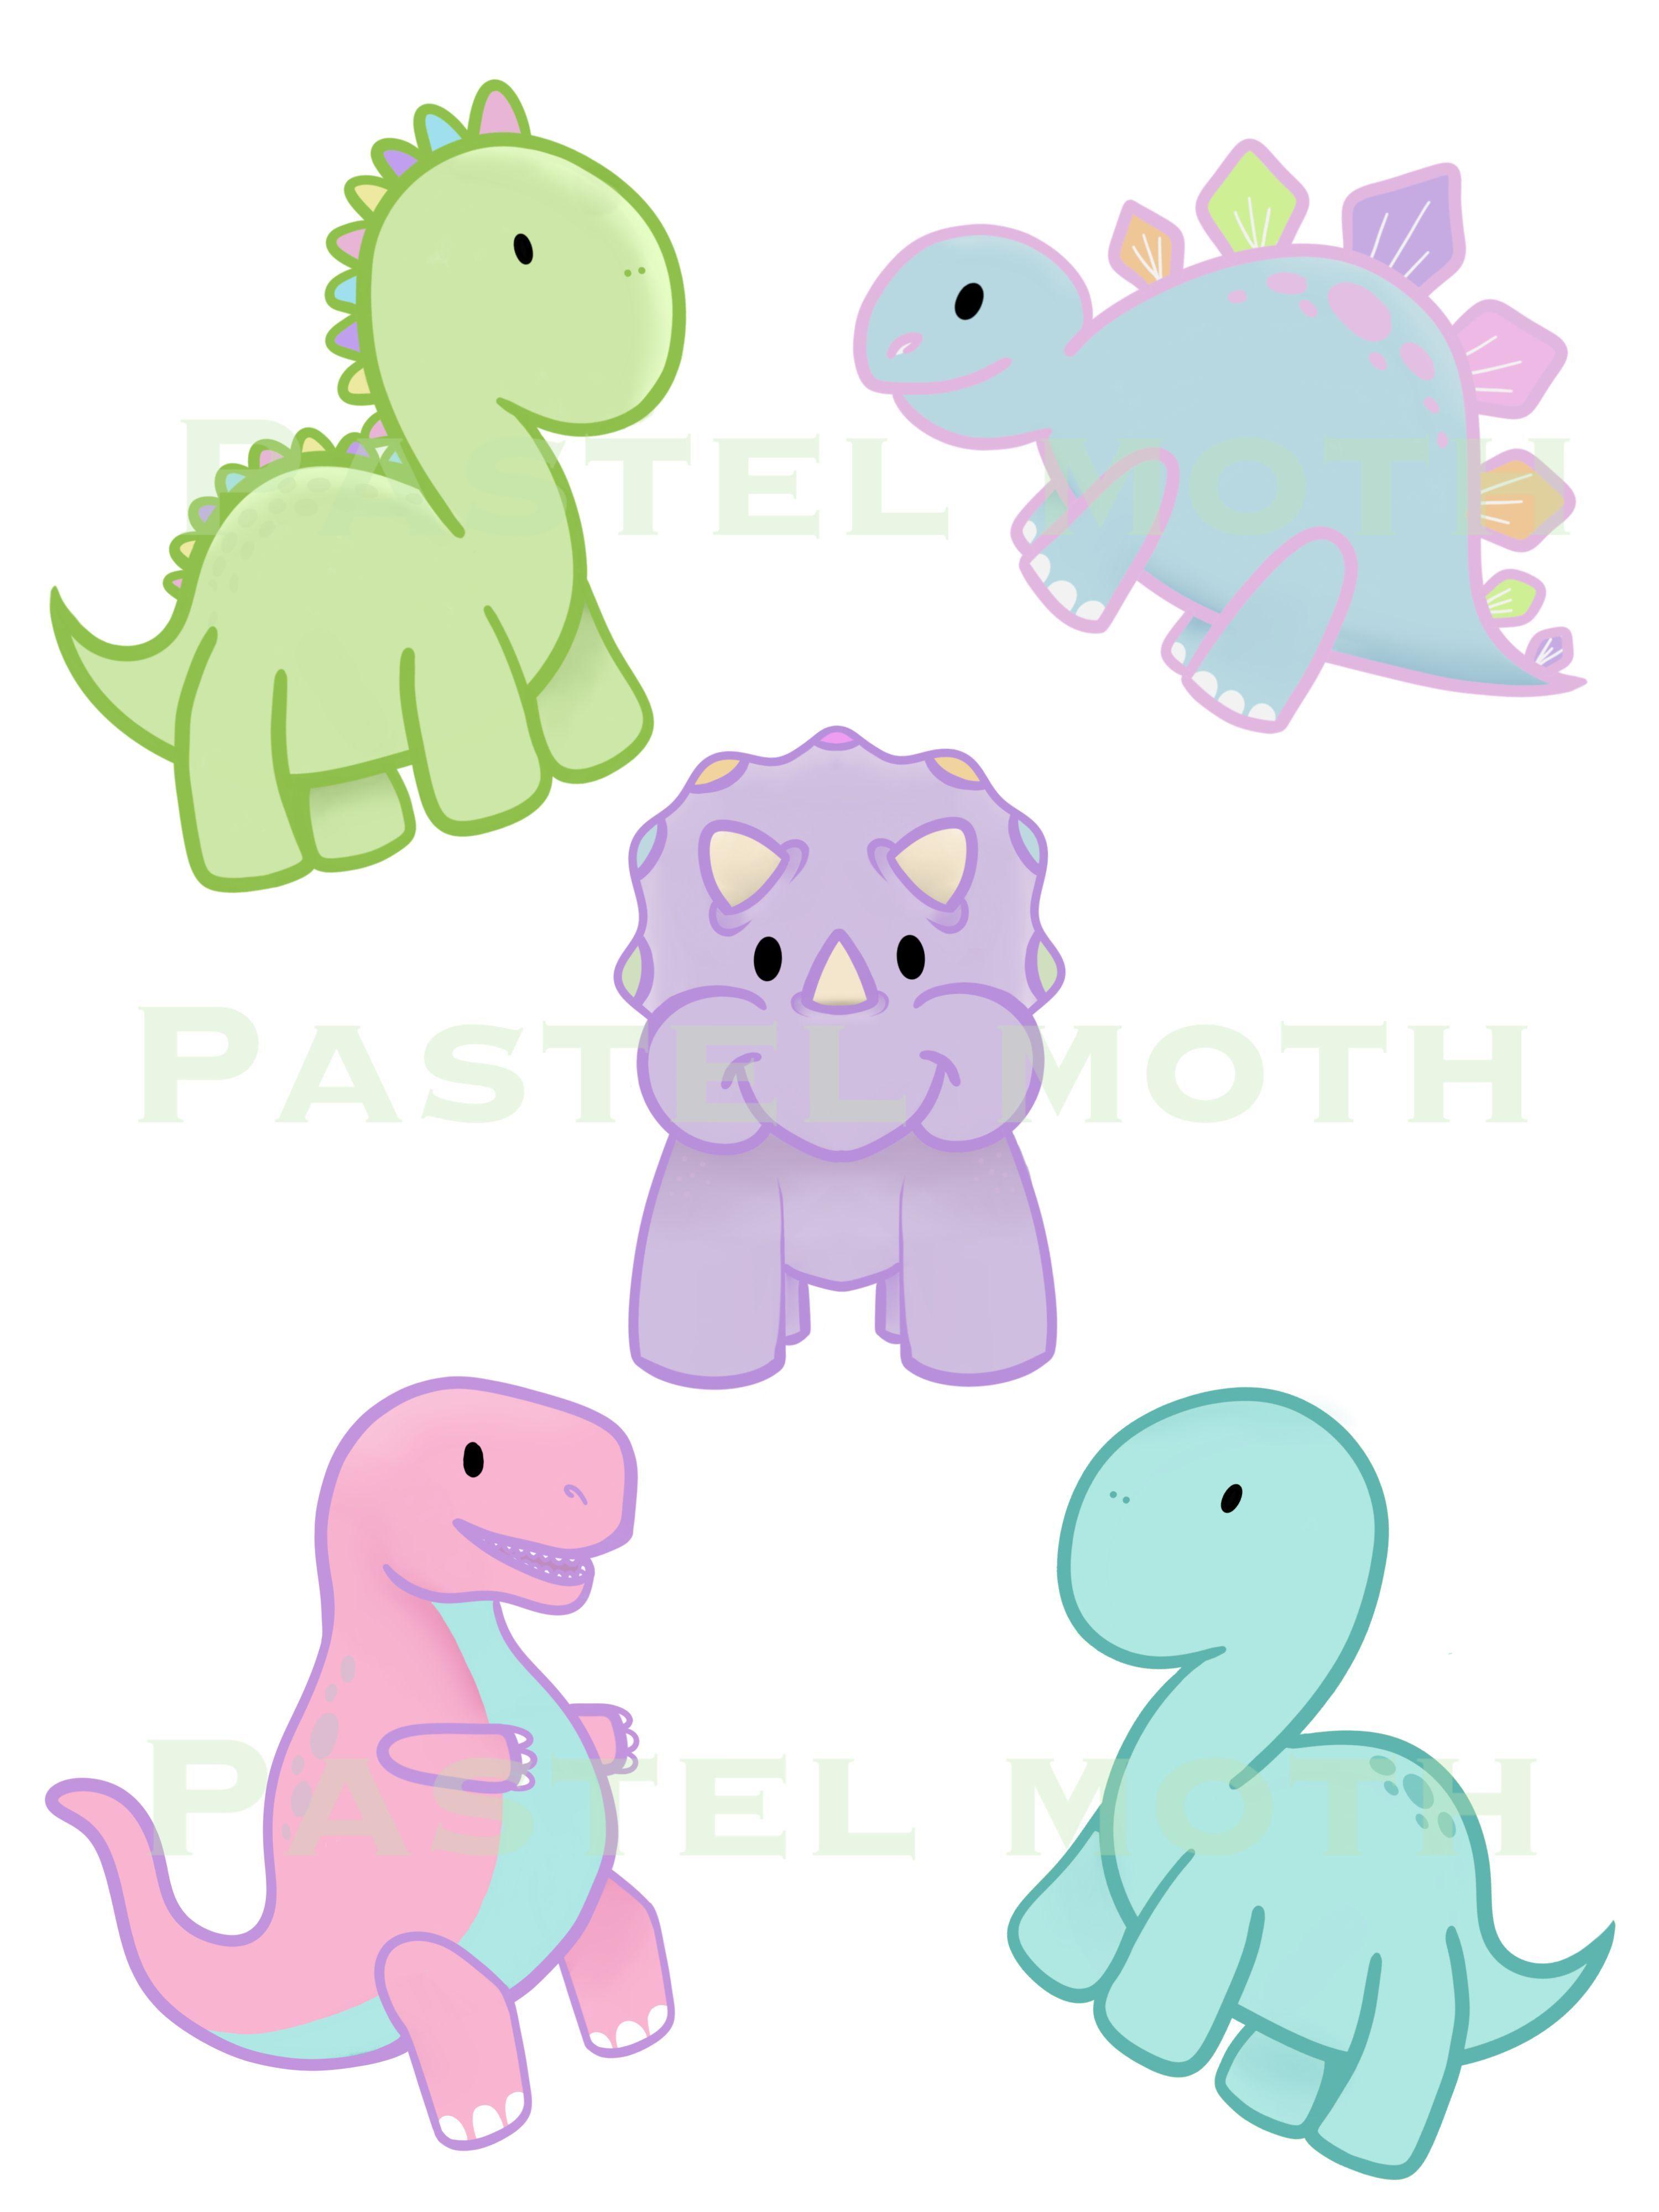 Cute Pastel Dinosaurs Dinosaurillustration Dinosaur Drawing